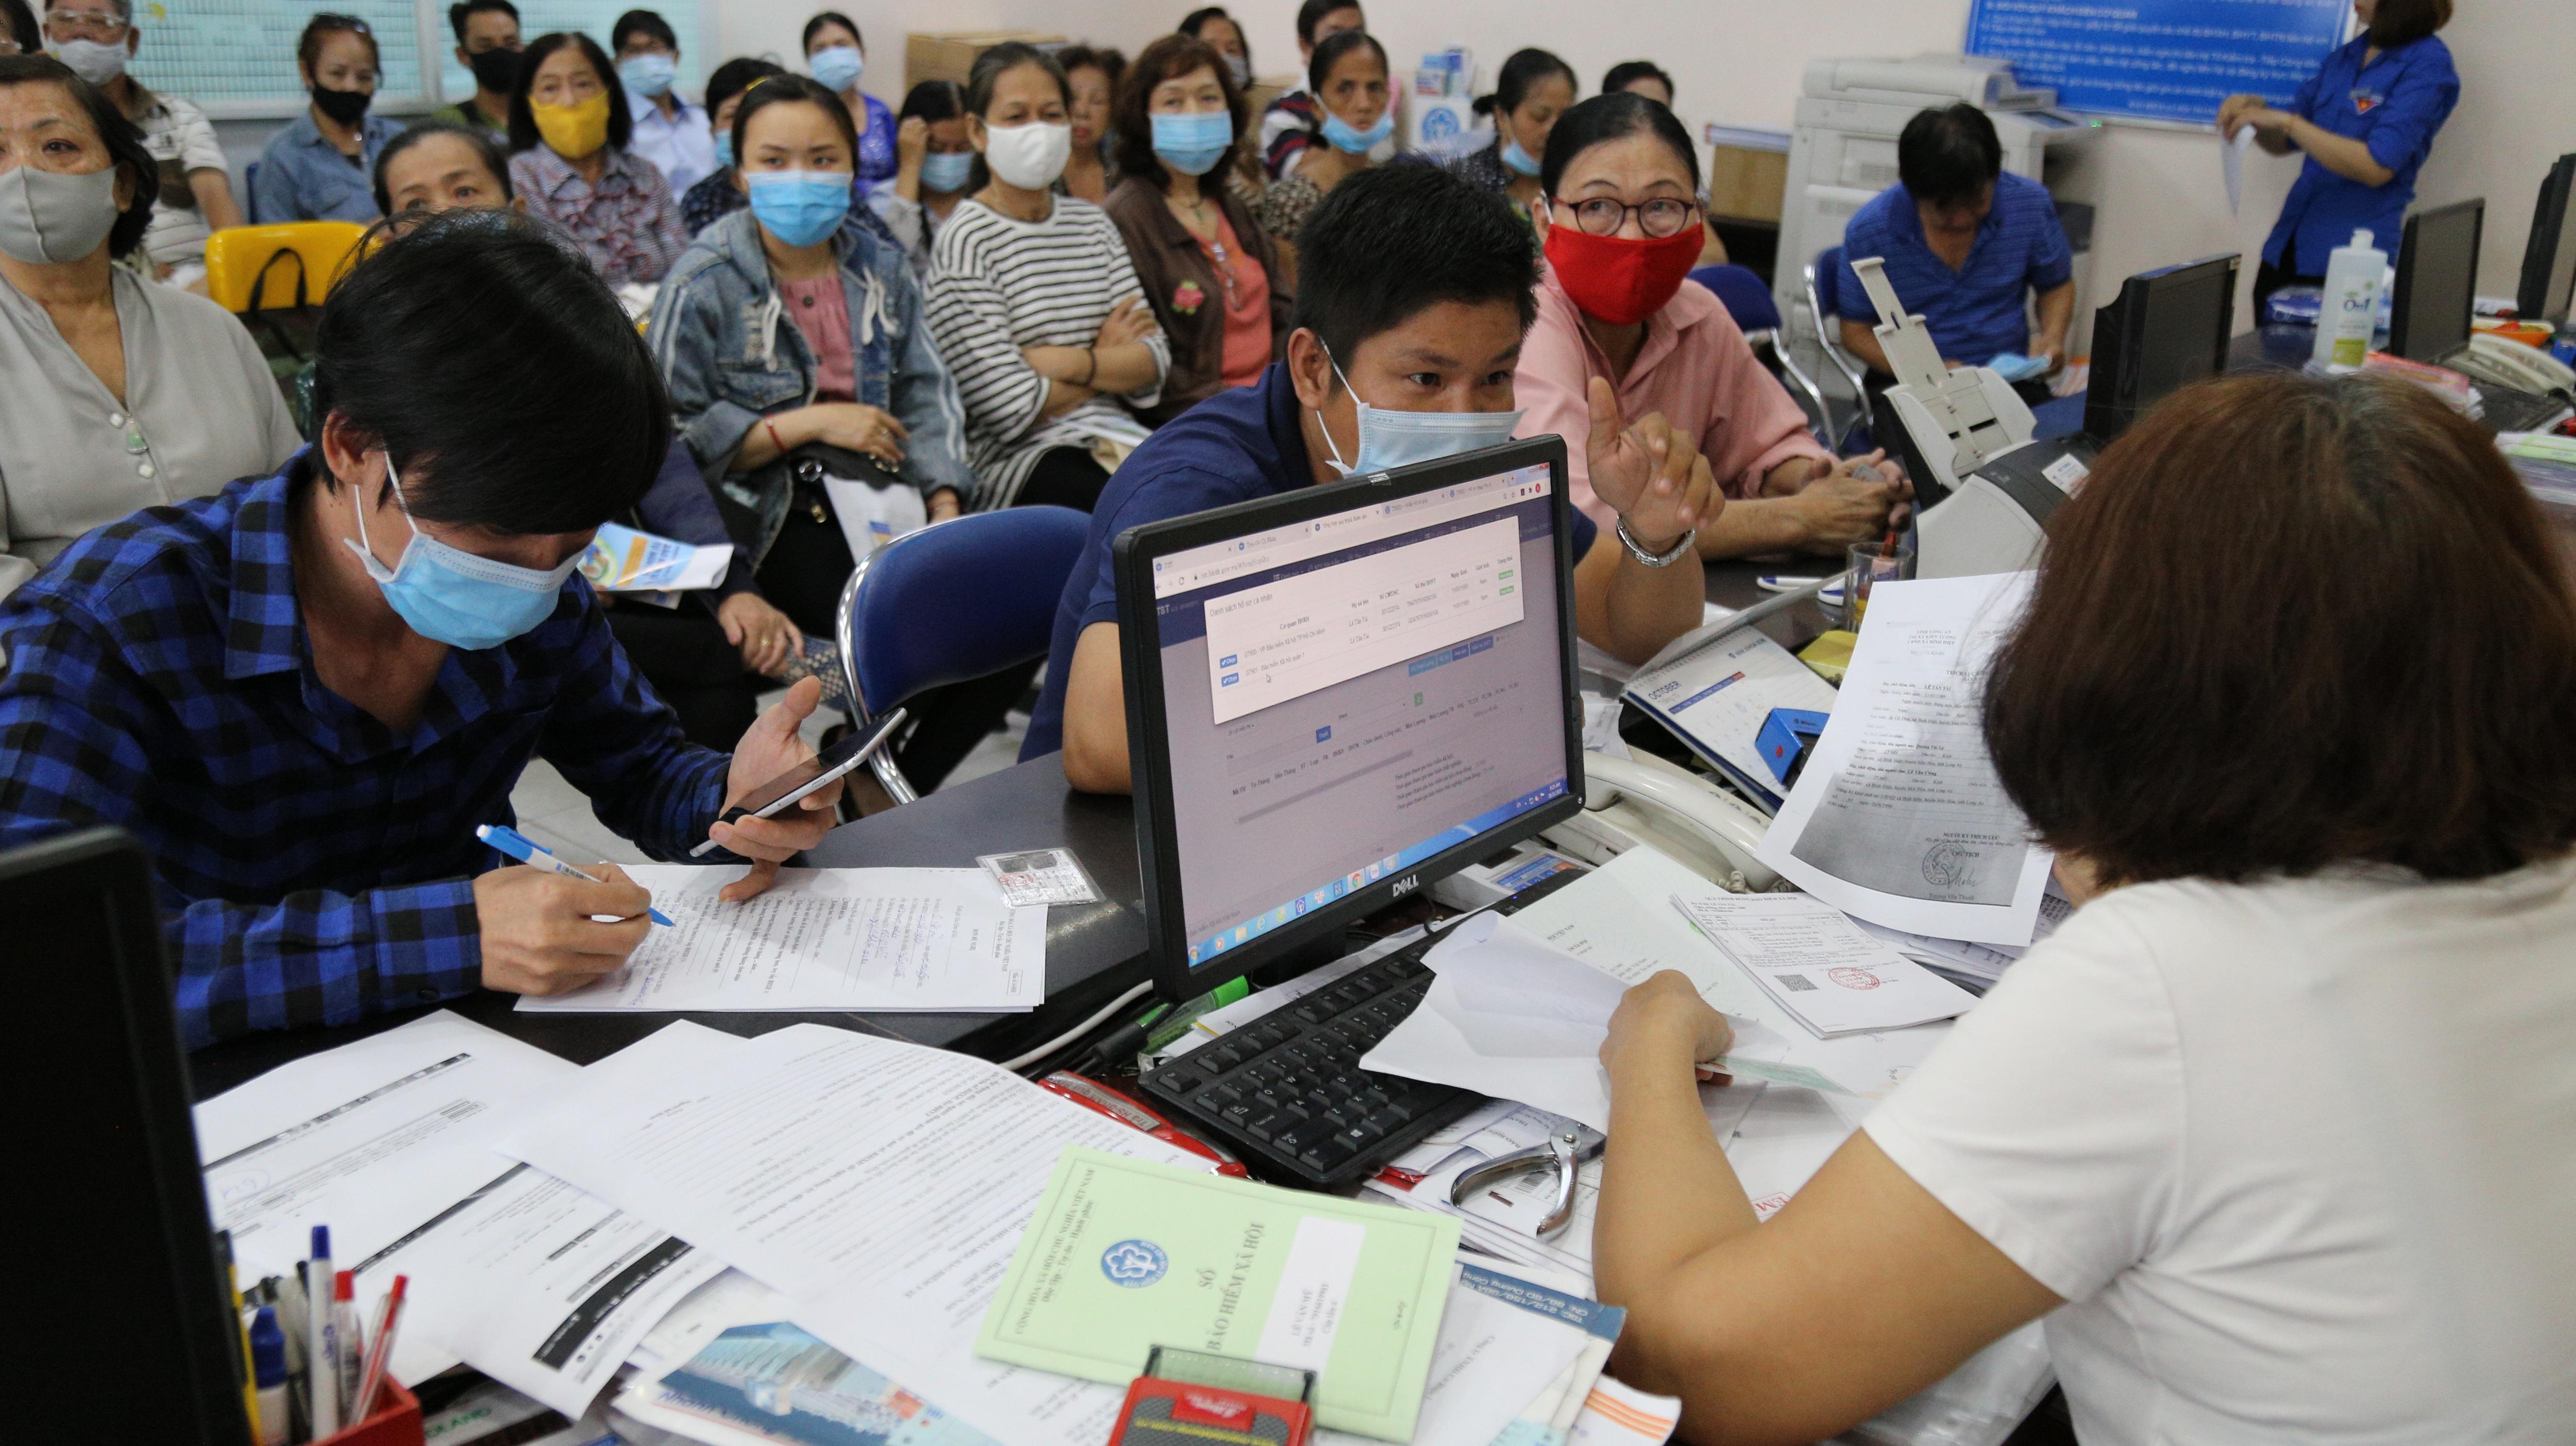 Hôm nay (1/1): Áp dụng các chính sách mới tới hàng chục triệu lao động - Ảnh 6.